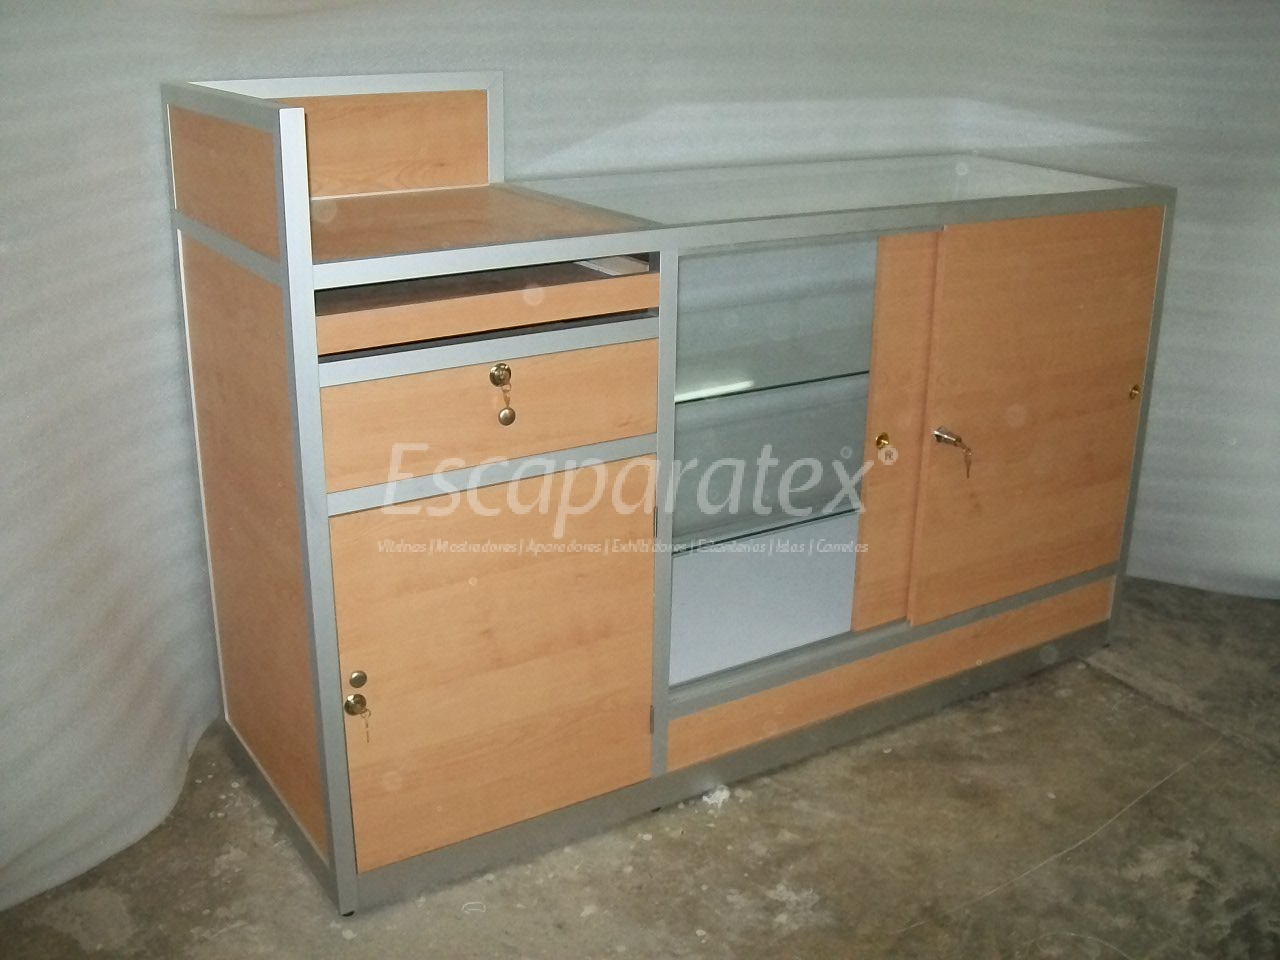 Noticias escaparatex - Mostradores de madera para negocios ...